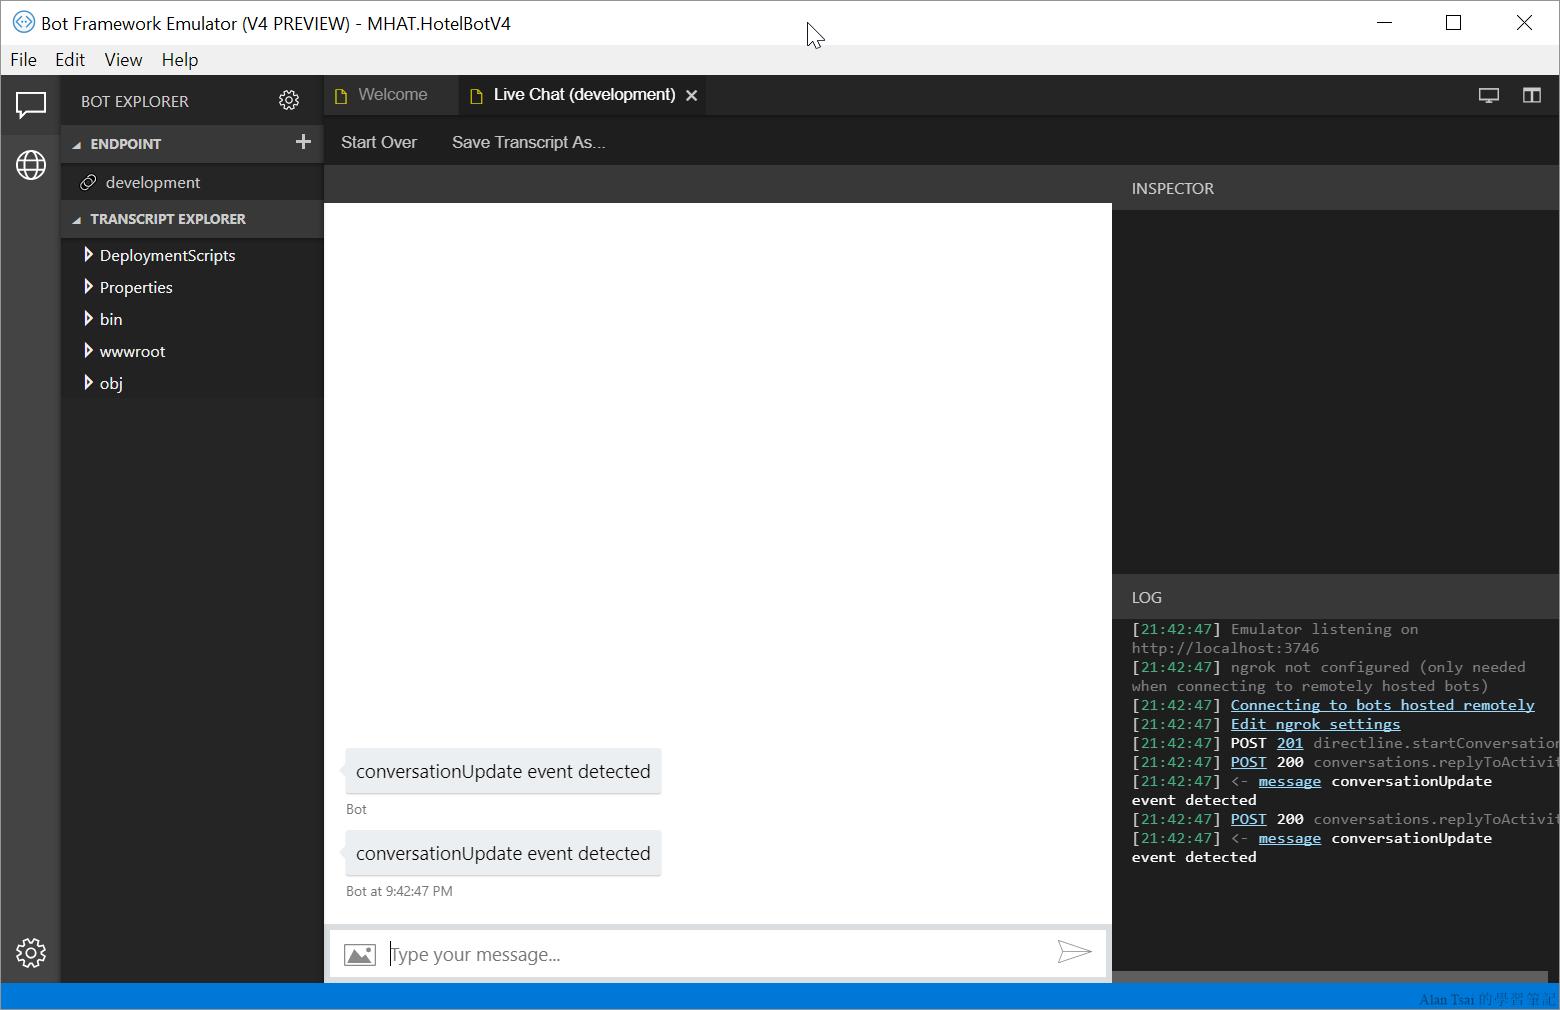 Bot Framework Emulator_2018-10-18_21-43-40.png